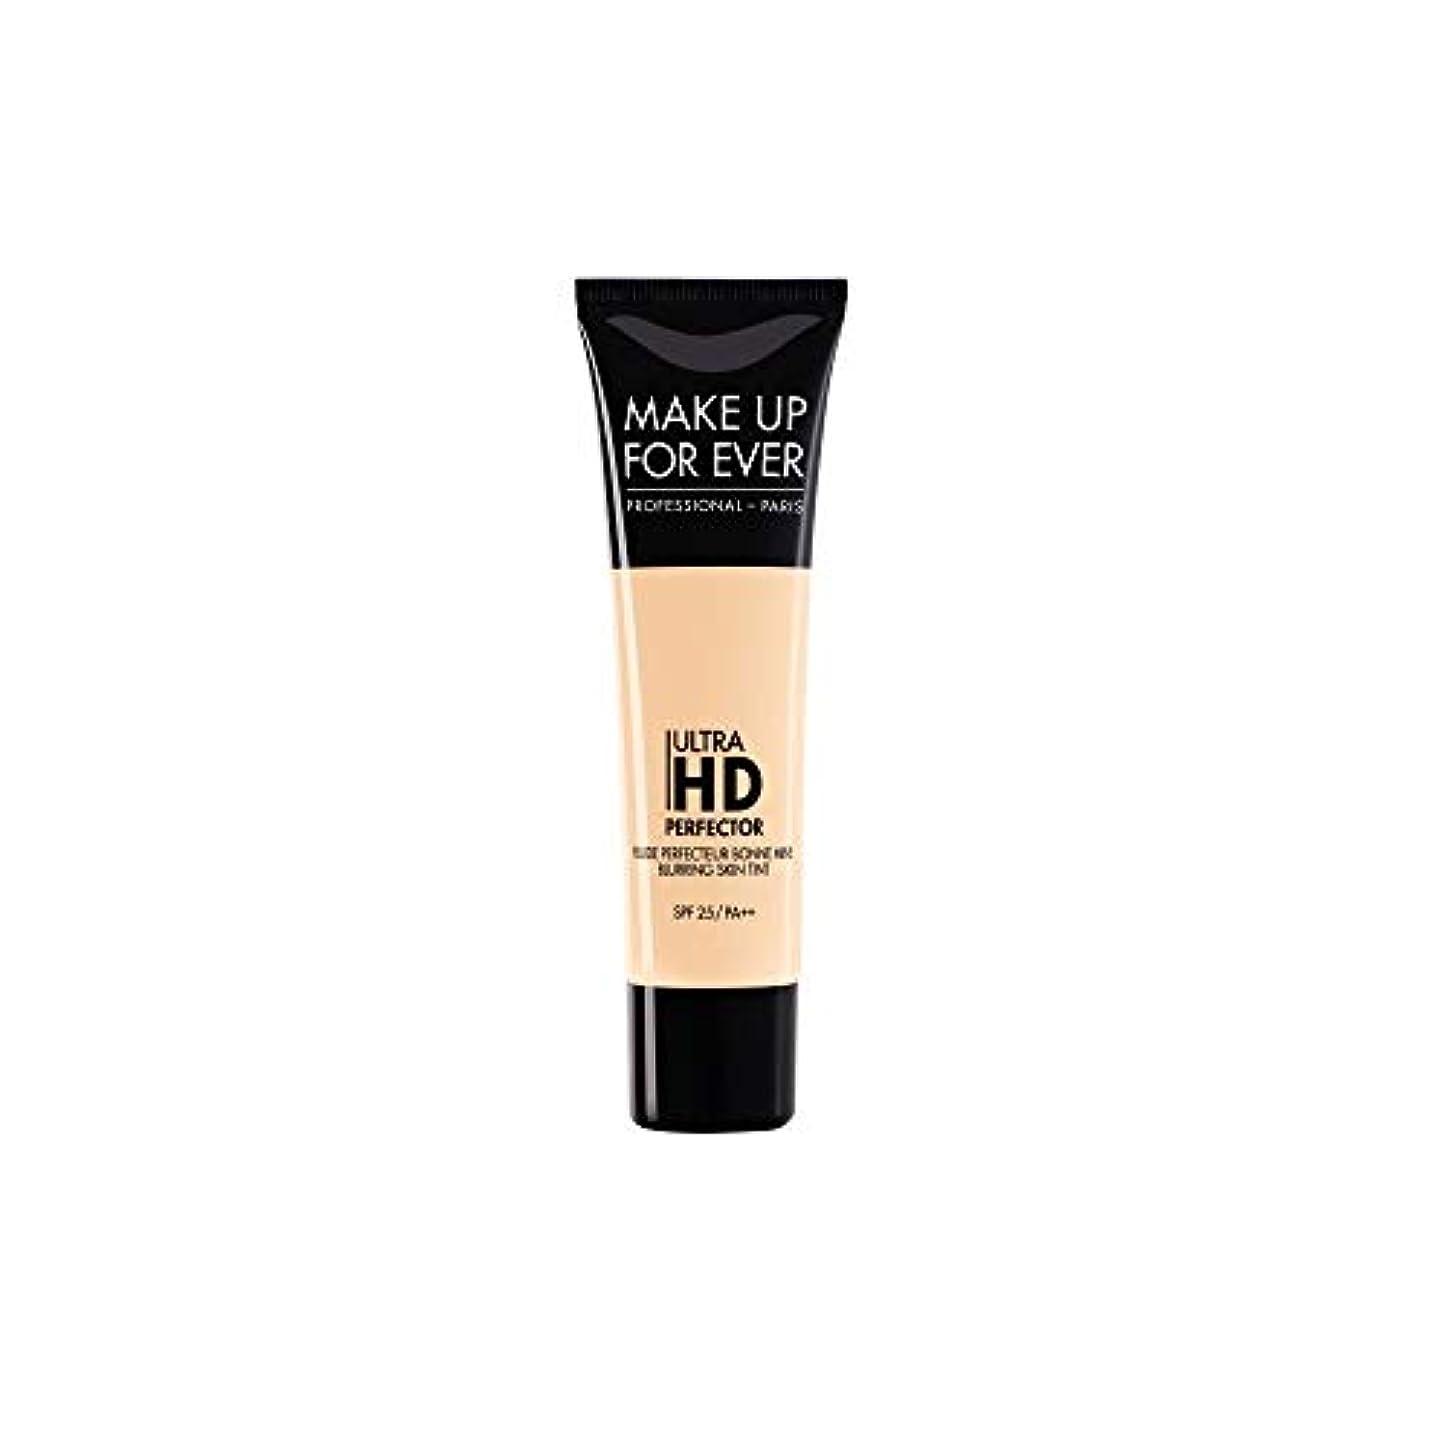 手綱不実頼むメイクアップフォーエバー Ultra HD Perfector Blurring Skin Tint SPF25 - # 01 Vanilla 30ml/1.01oz並行輸入品